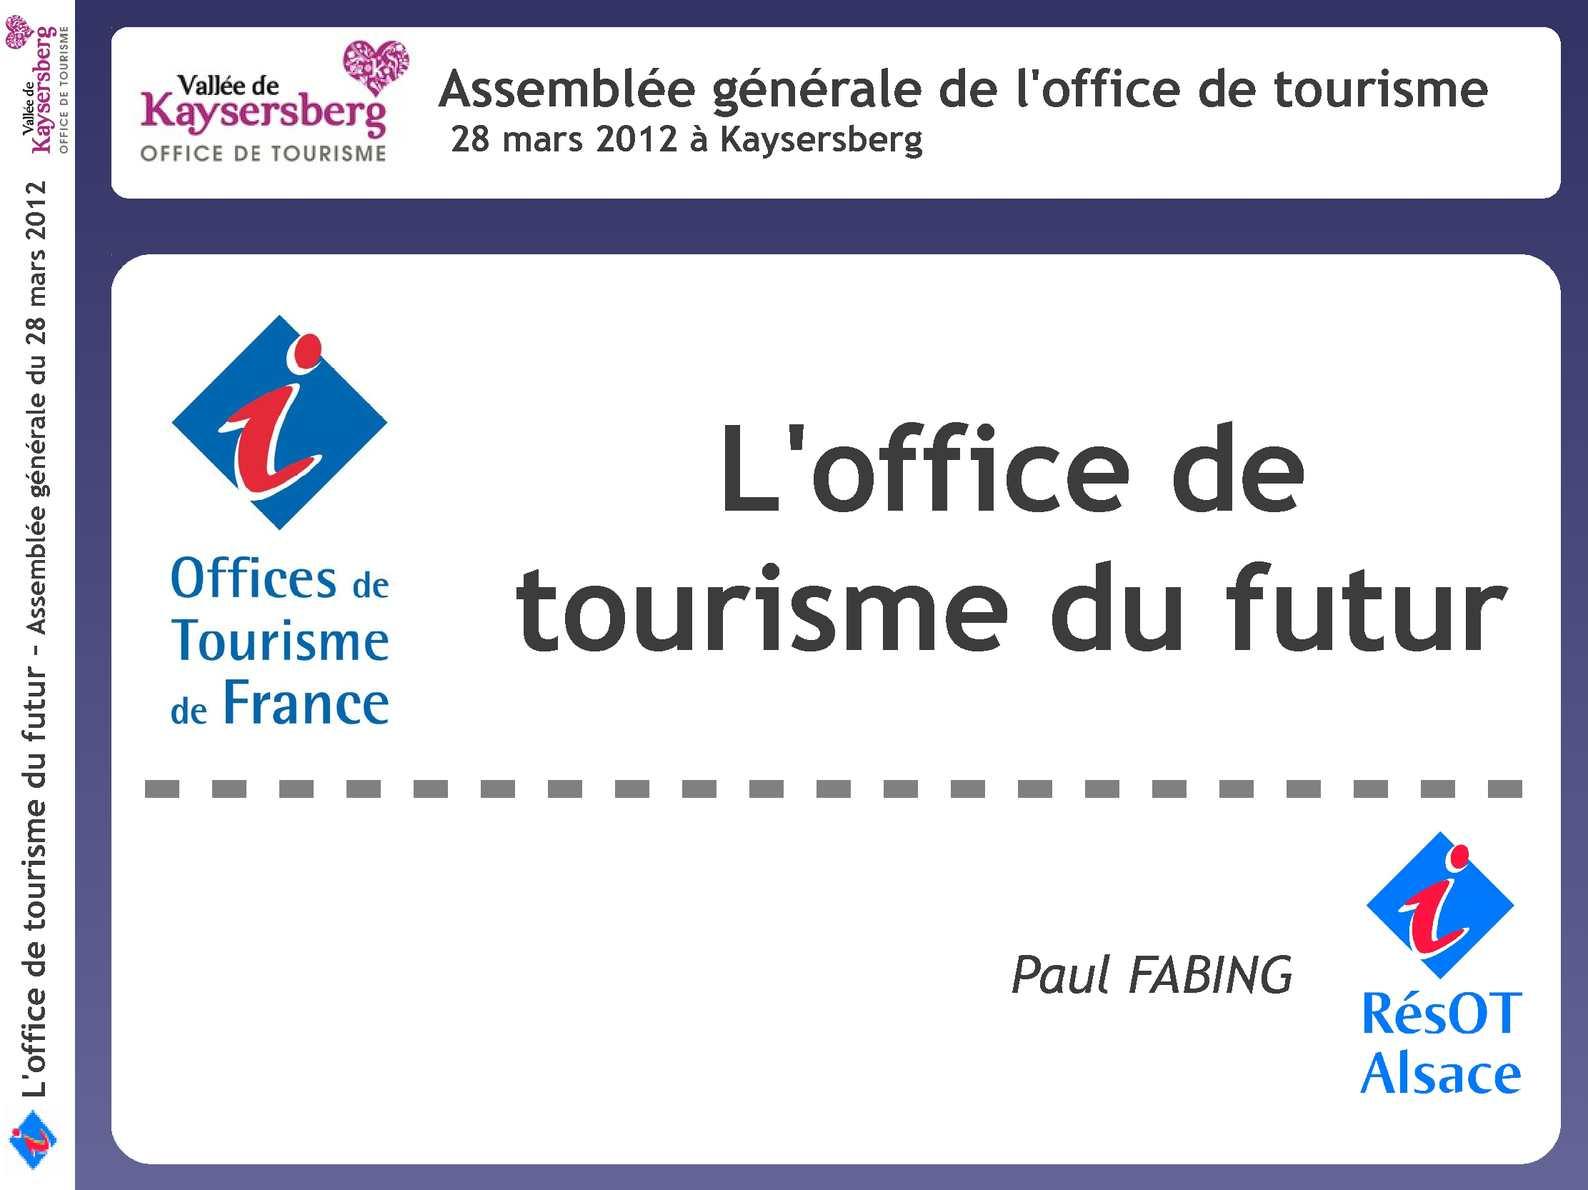 Calam o l 39 office de tourisme du futur paul fabing r sot alsace ag kb 2012 - Office du tourisme alsace ...